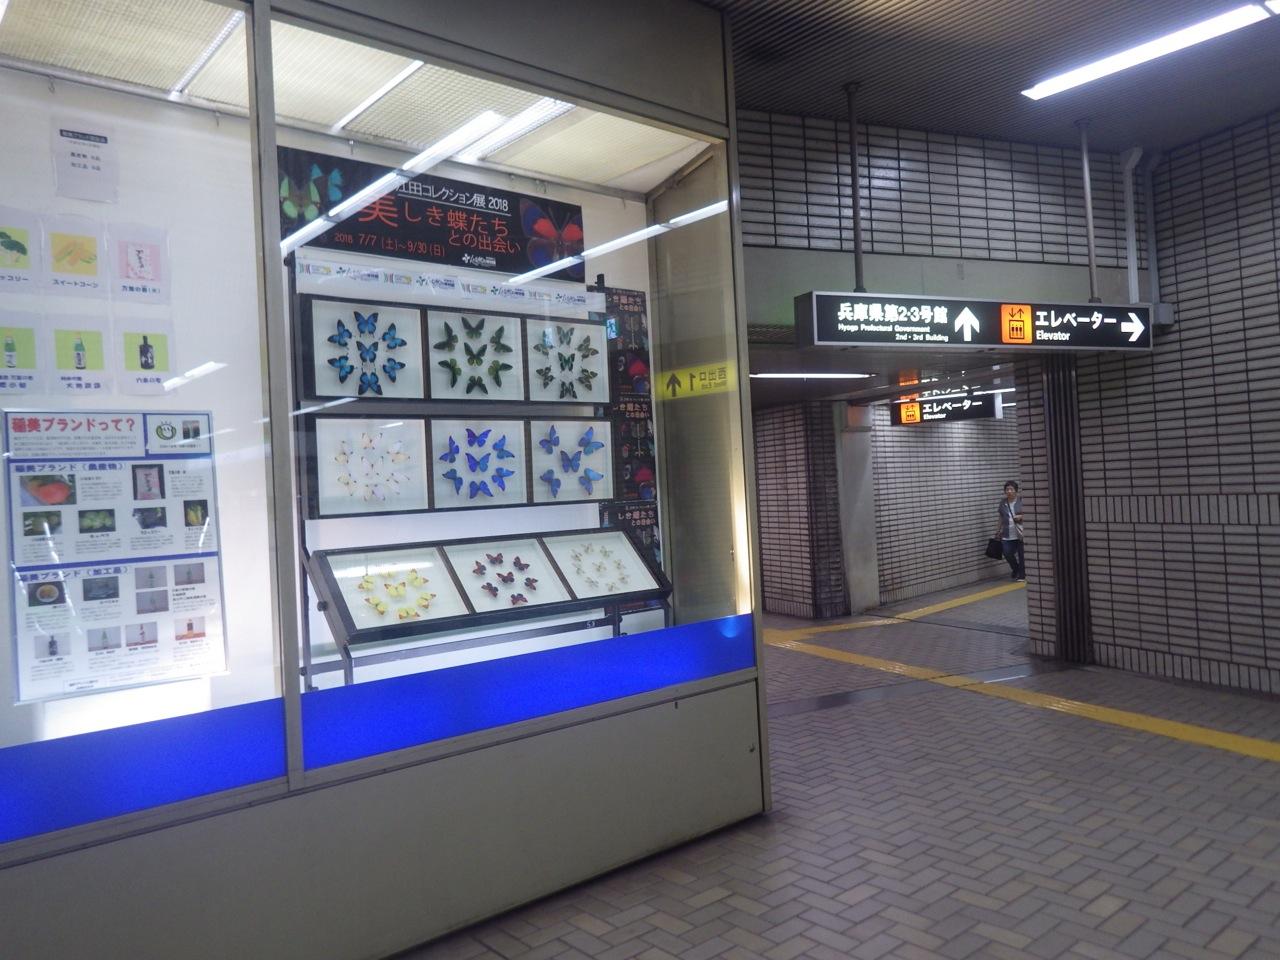 http://www.hitohaku.jp/blog/folder241/exhibit-kenchomaest1.jpg